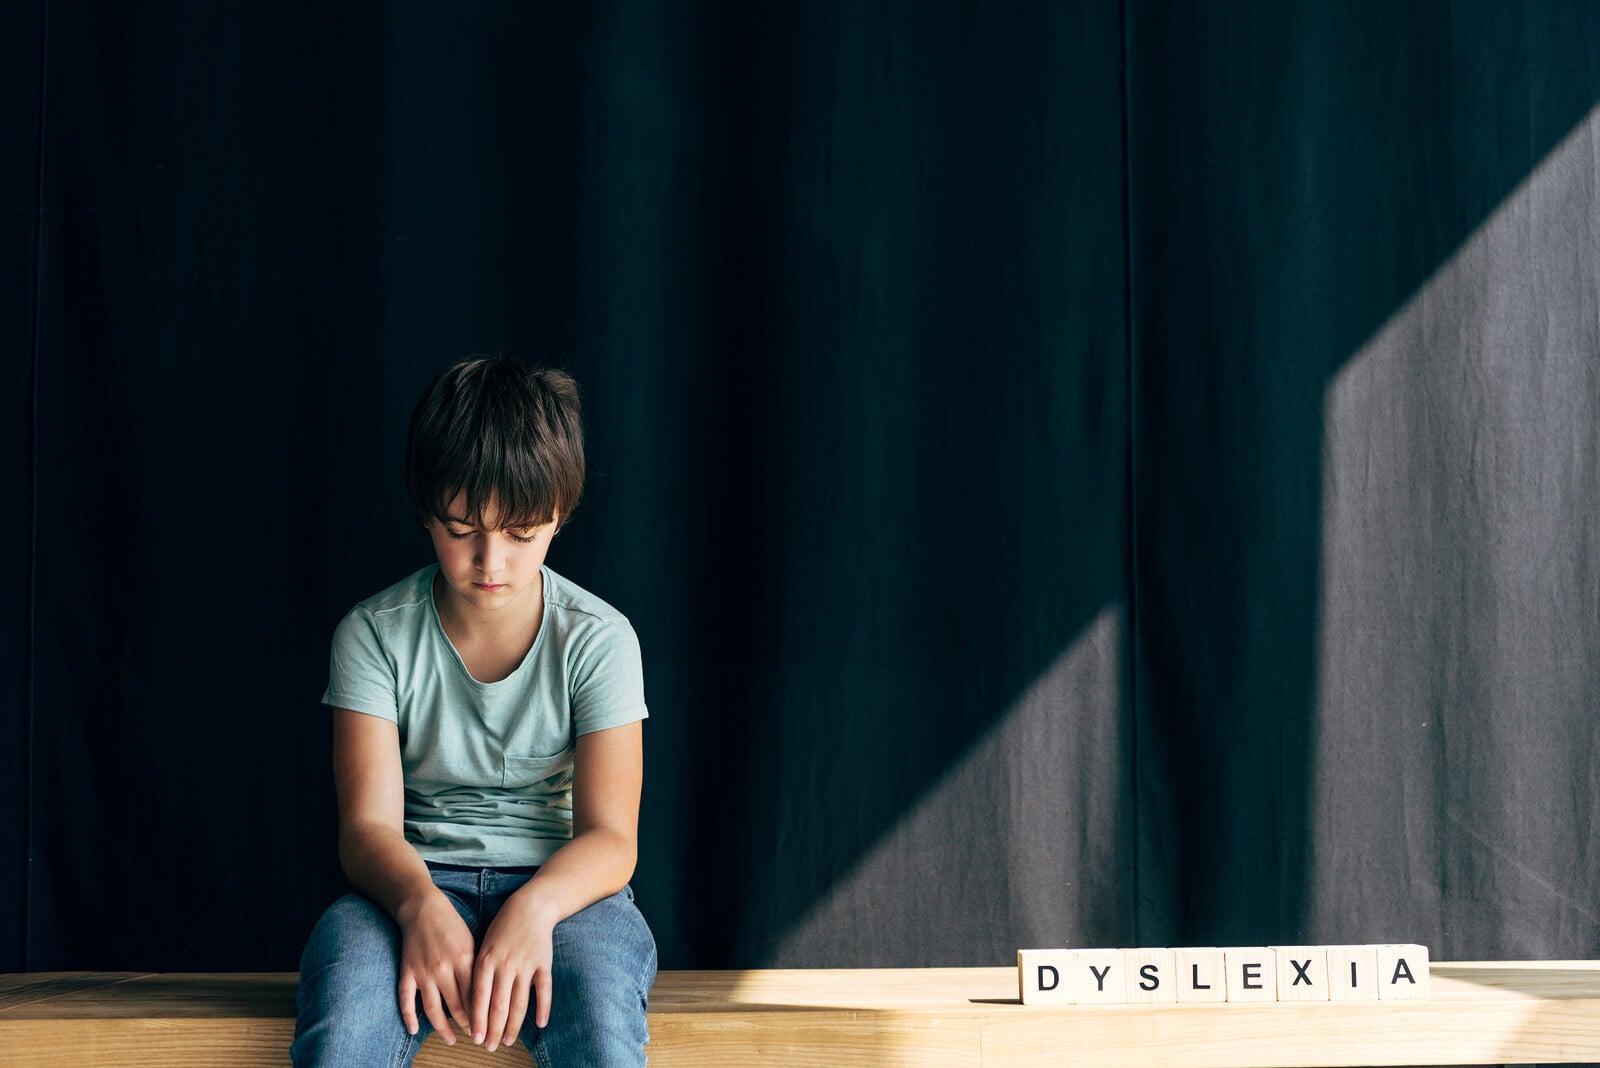 Niño con el que hay que trabajar la dislexia en el aula de forma inclusiva.